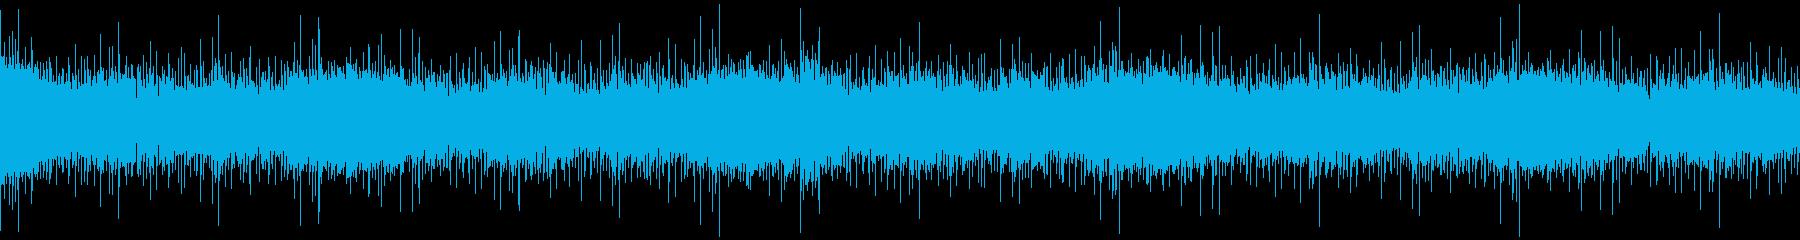 冷酷ホラーループBGMの再生済みの波形